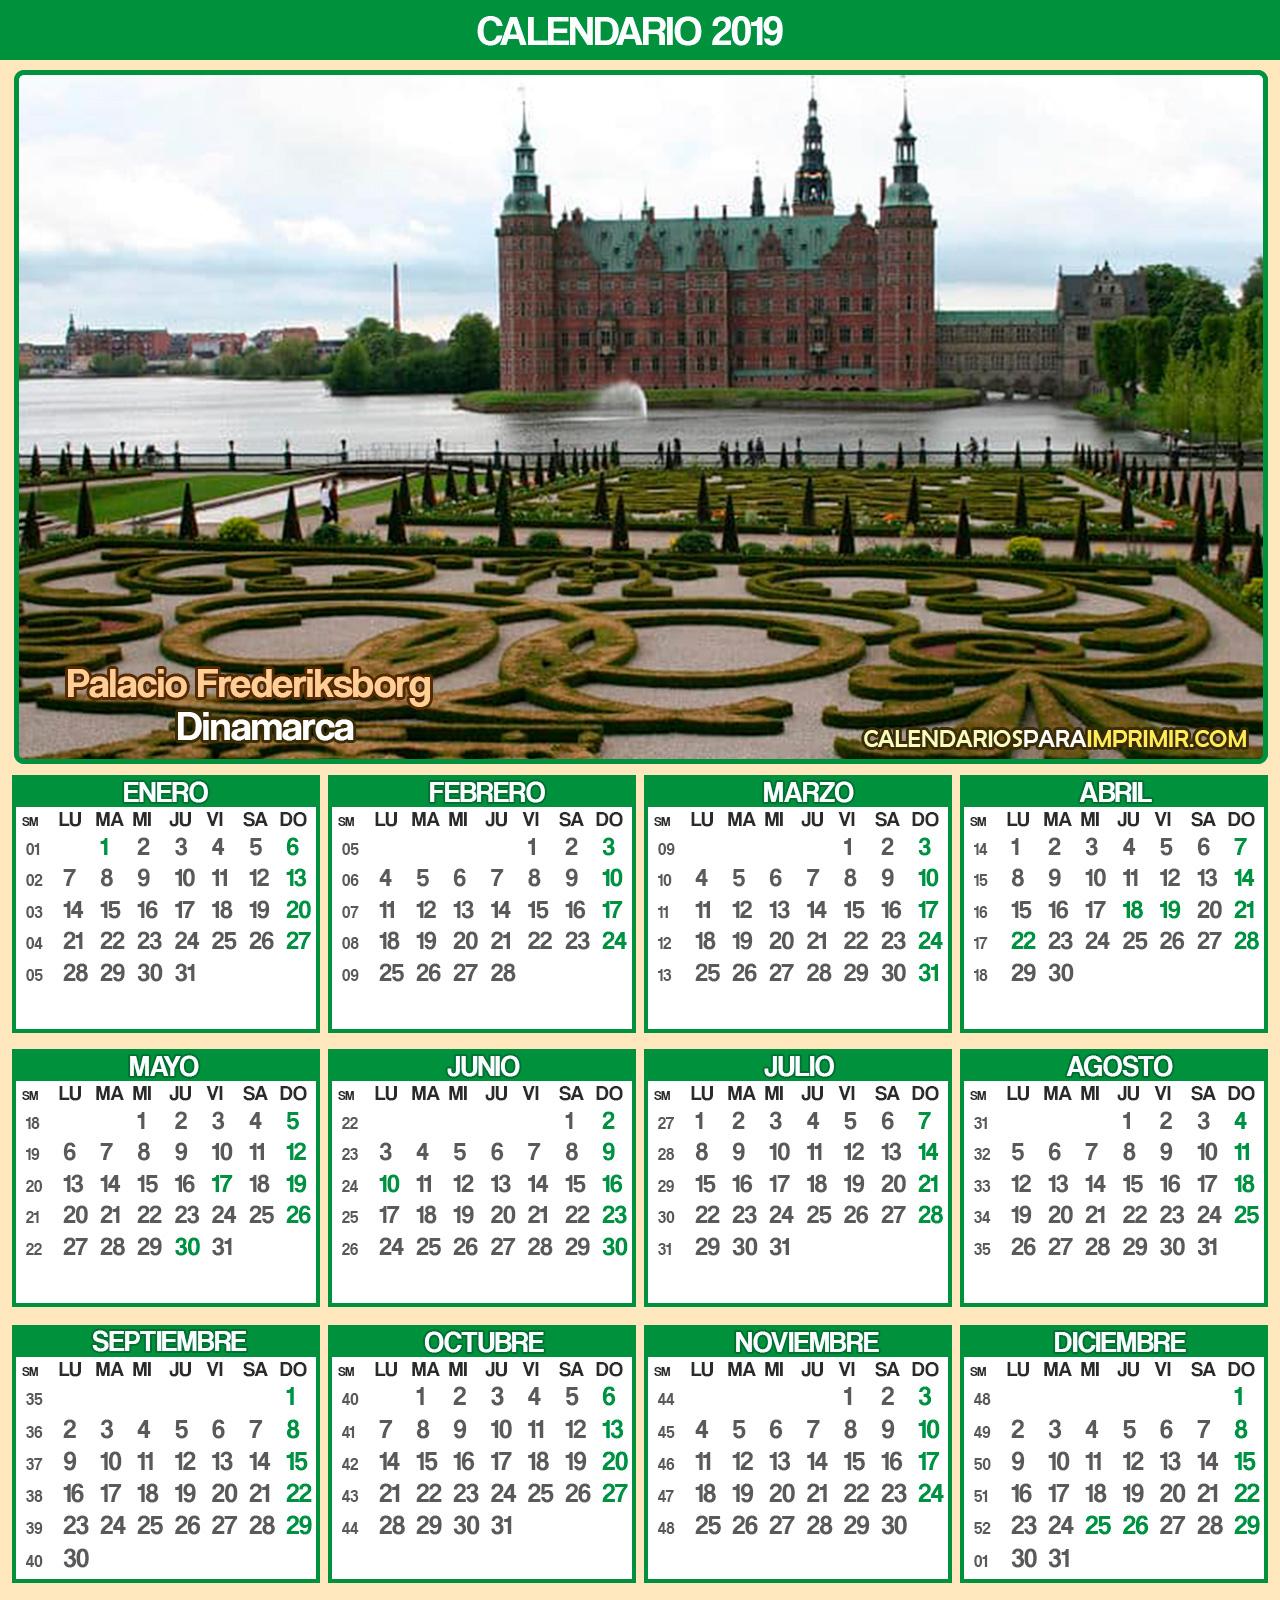 calendario dinamarca 2019